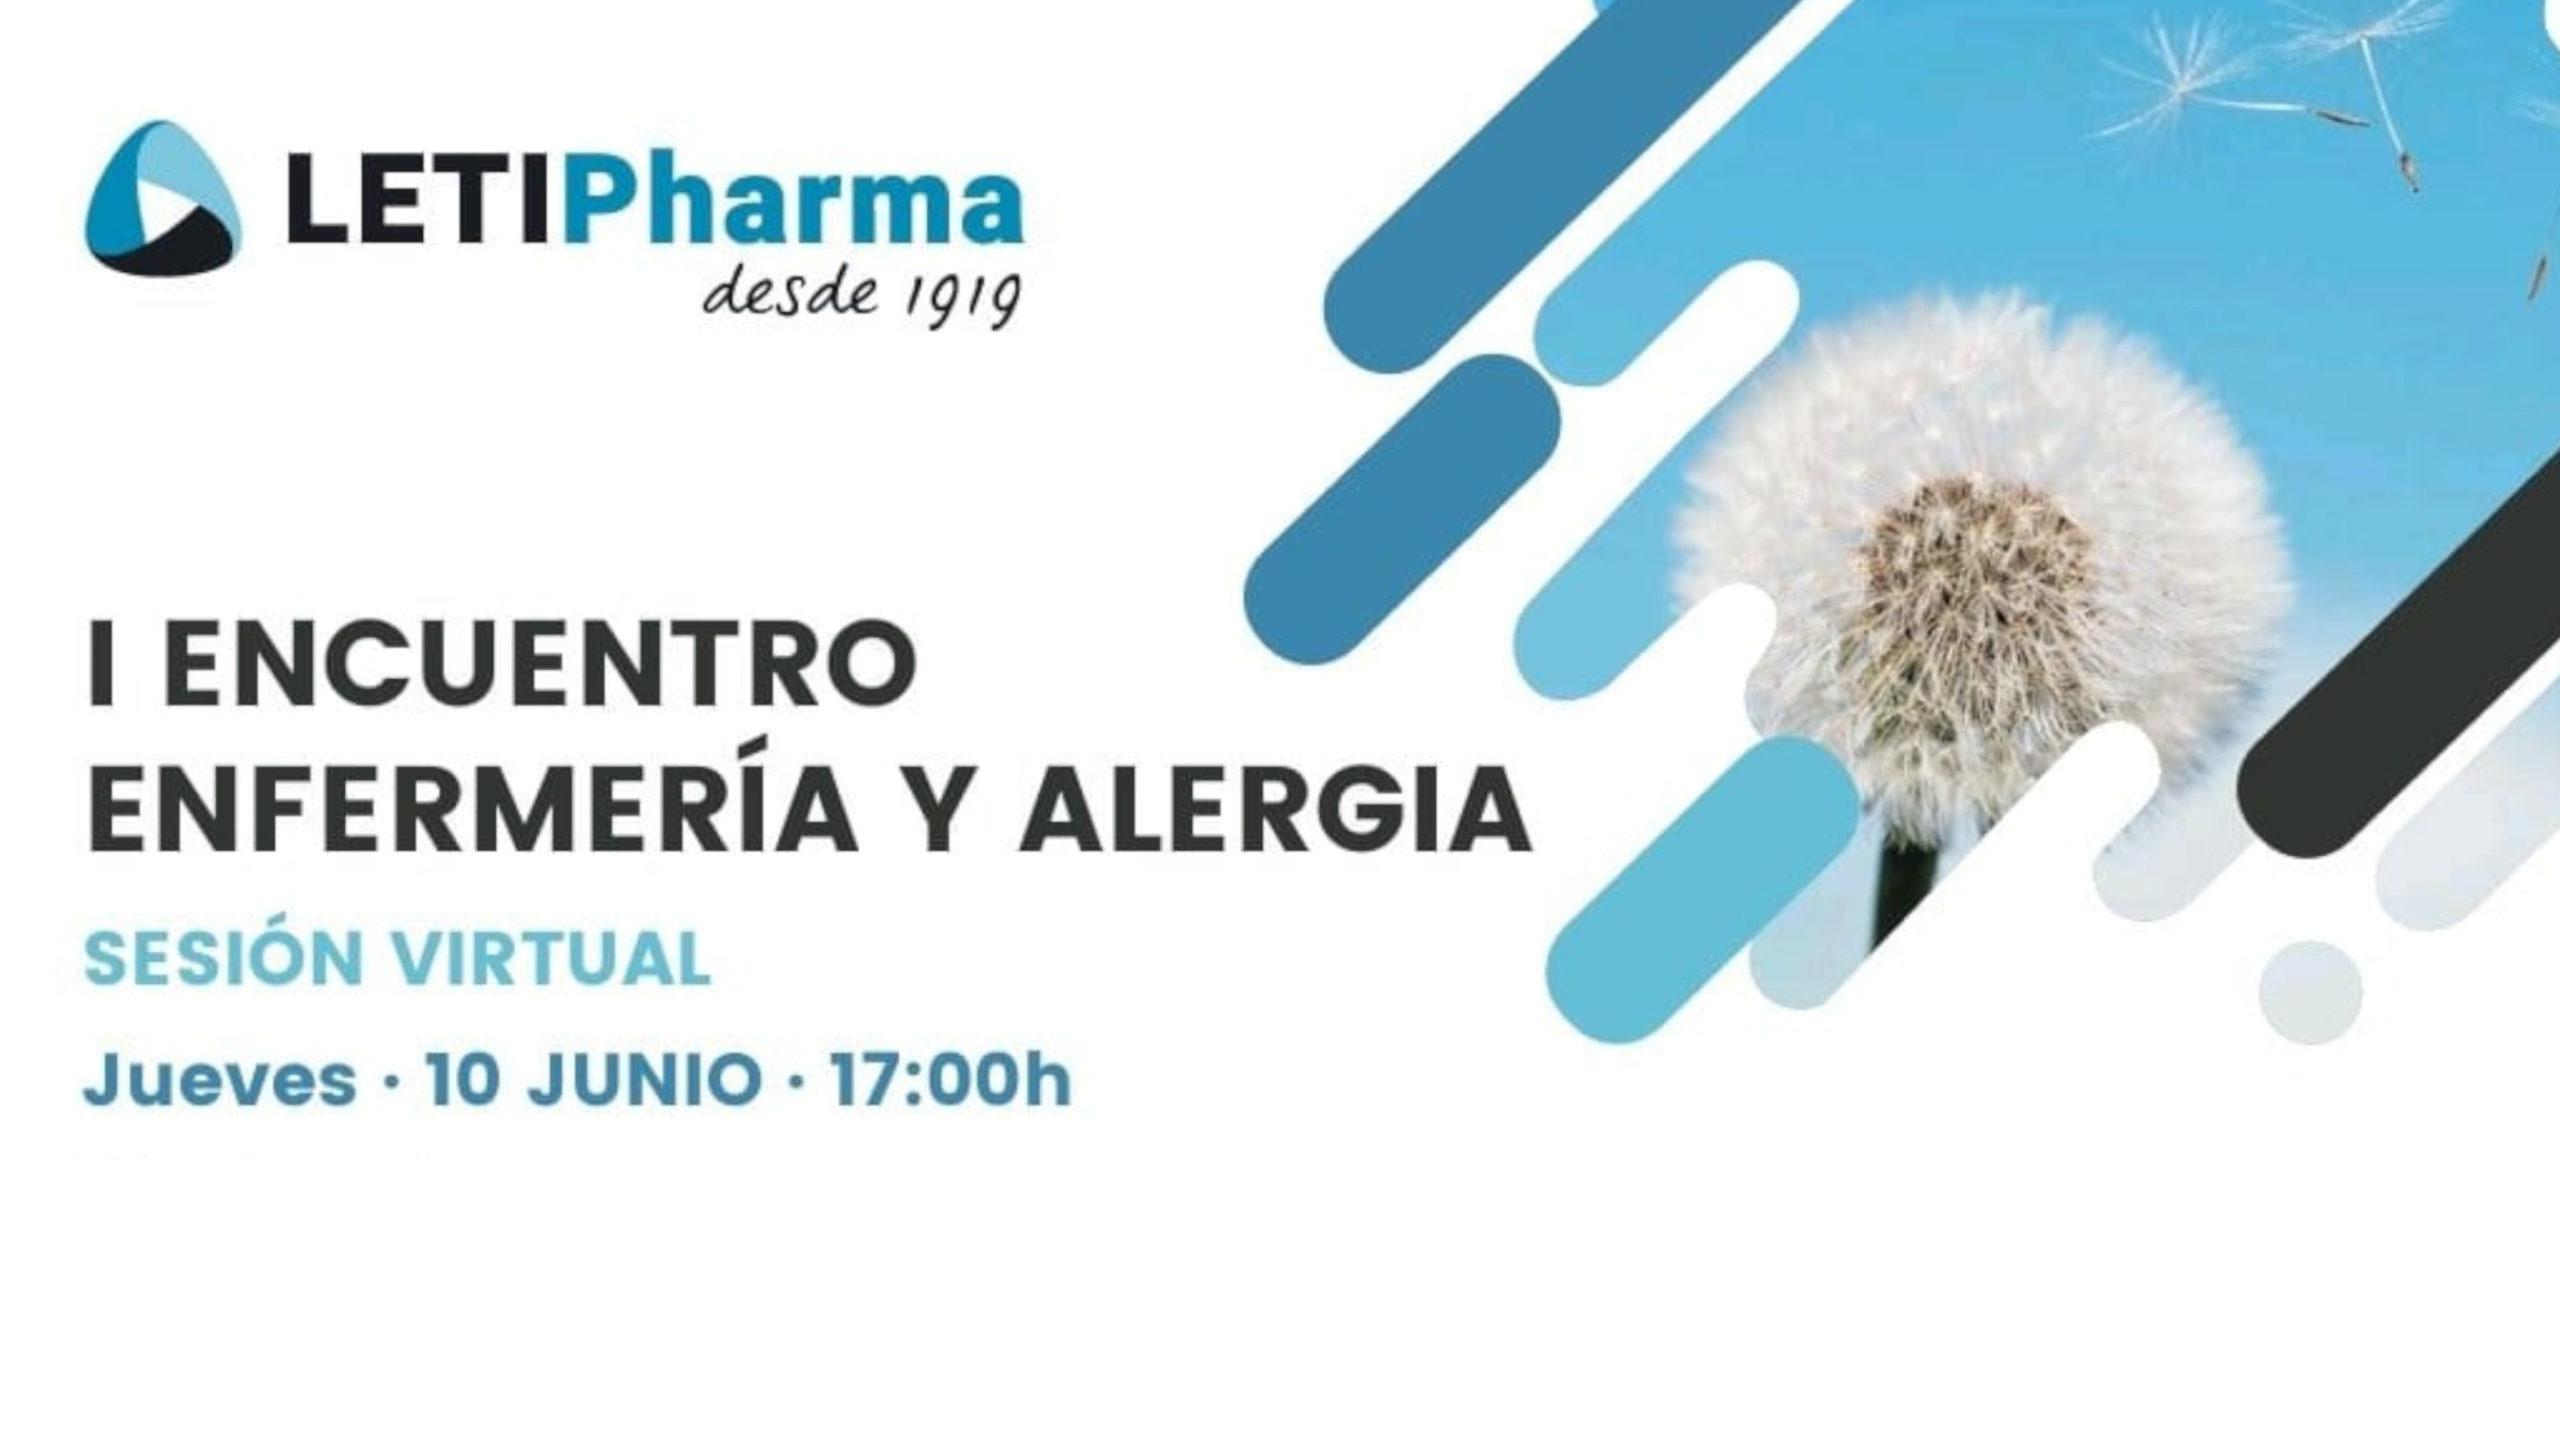 Enfermeria y alergia